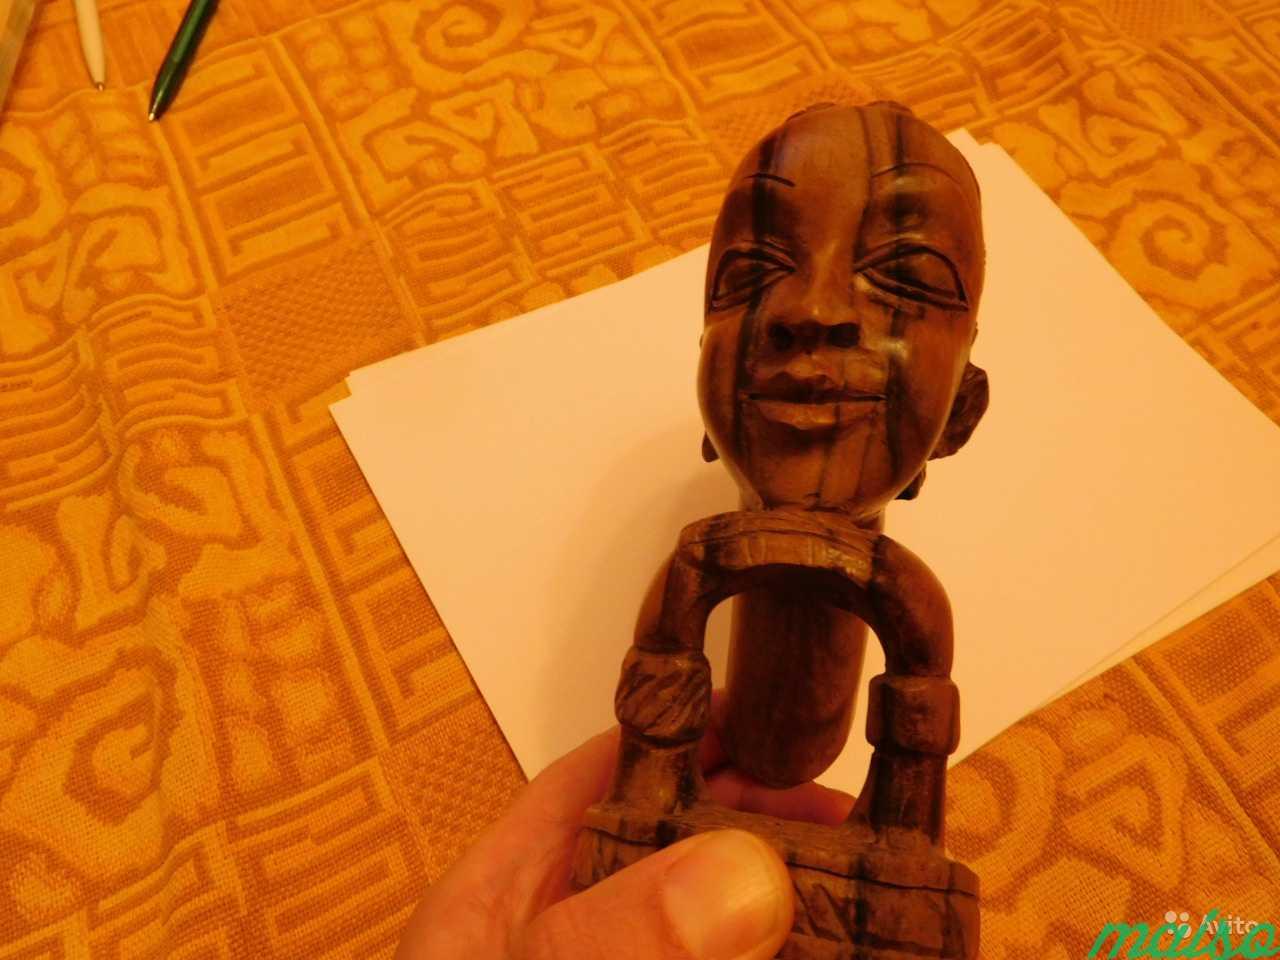 Африканска статуэтка голова женщины Эбеновое дерев в Москве. Фото 2